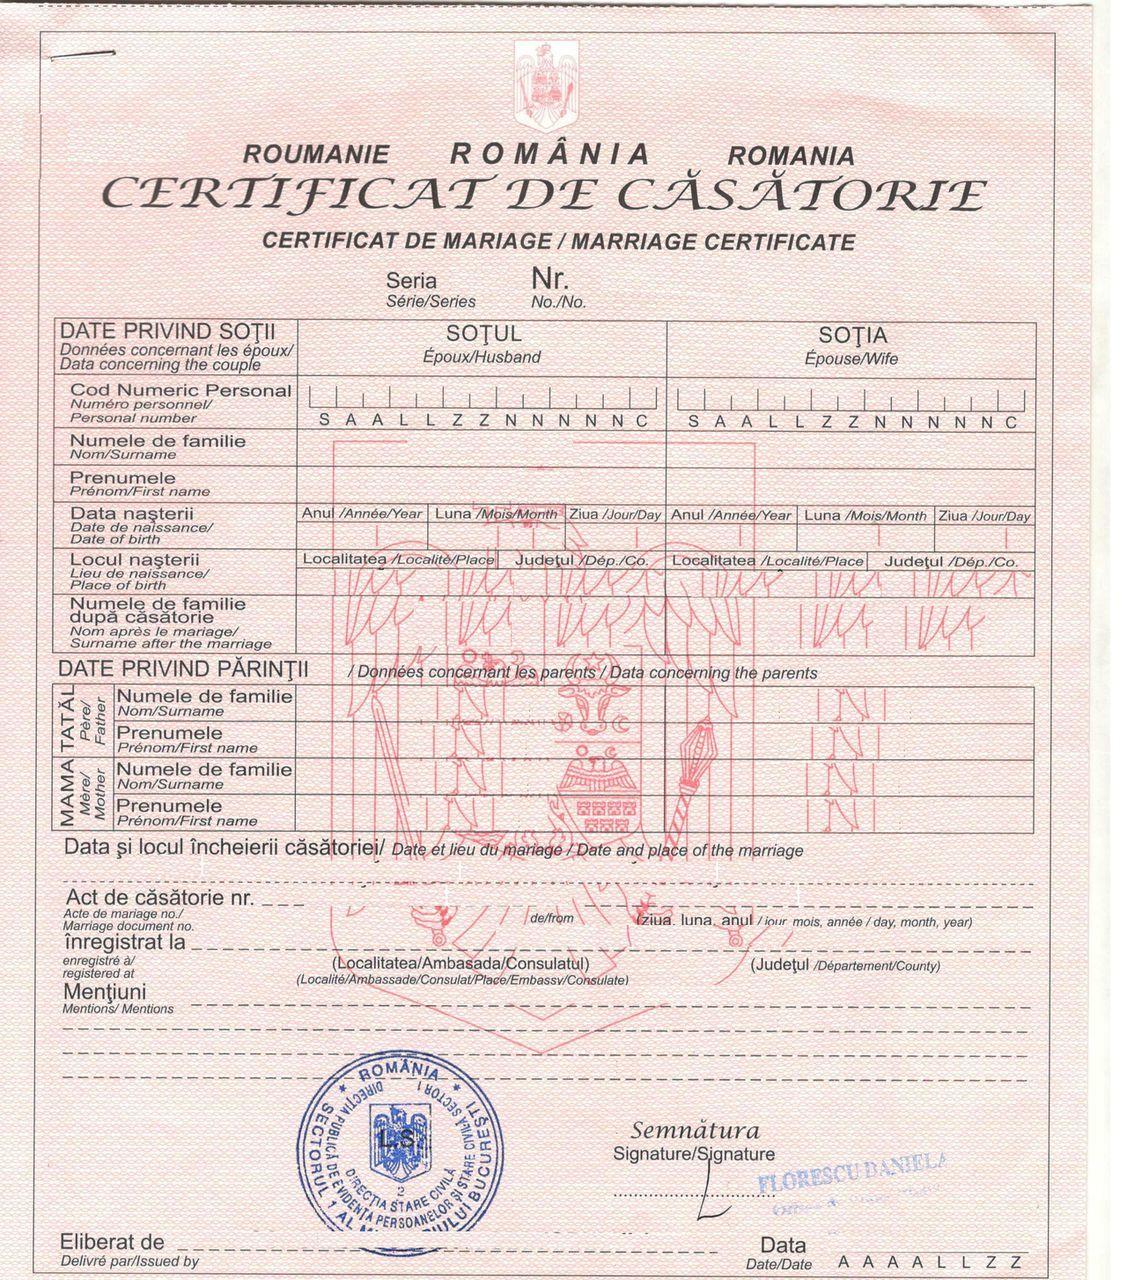 Certificate de casatorie